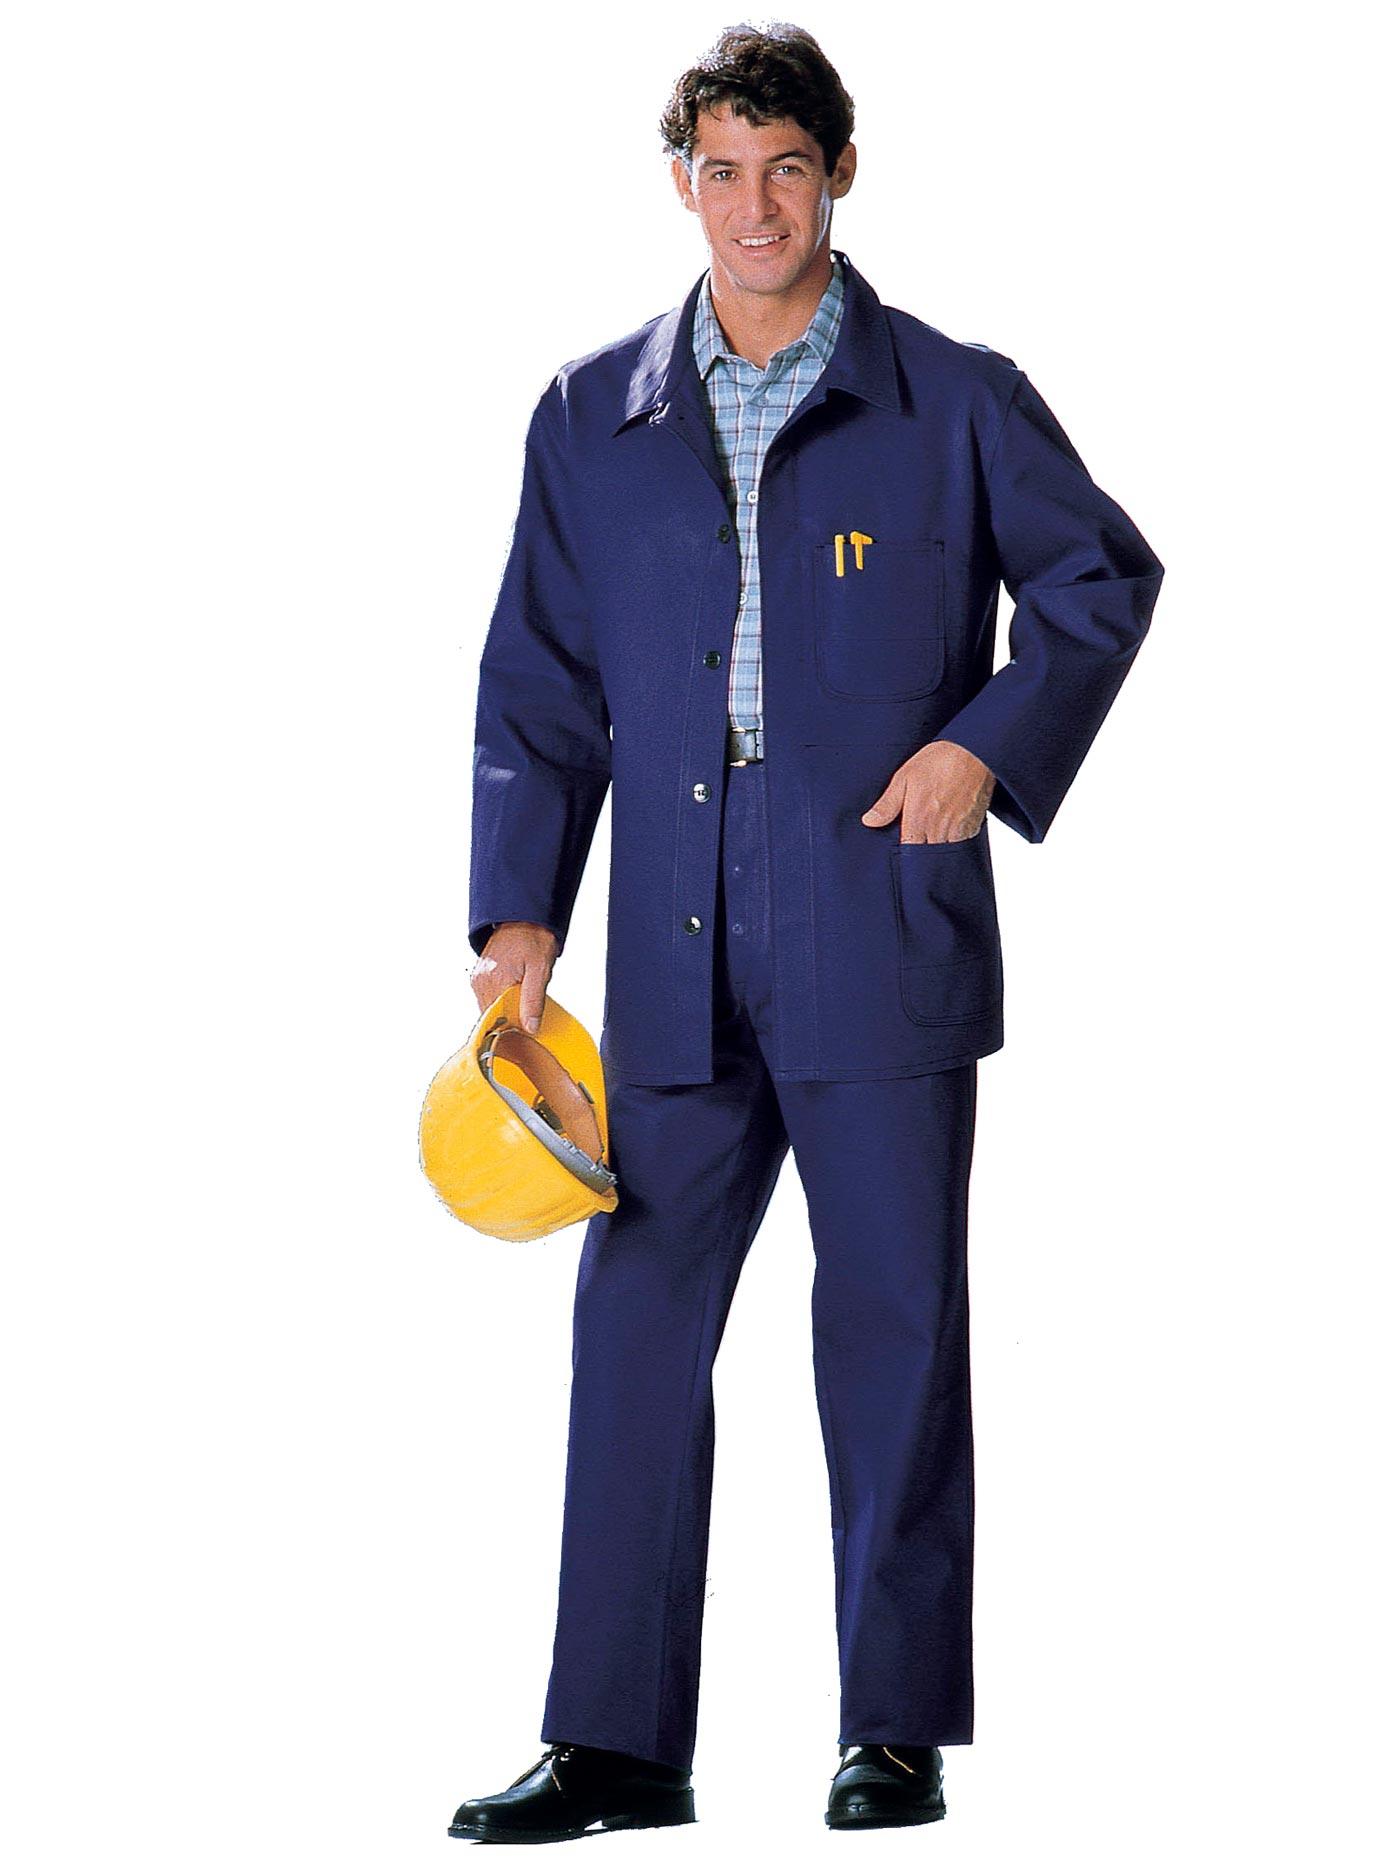 Classic Arbeitshose, N-Größen blau Herren Arbeitshosen Arbeits- Berufsbekleidung Hosen, Arbeitskleidung Schutz